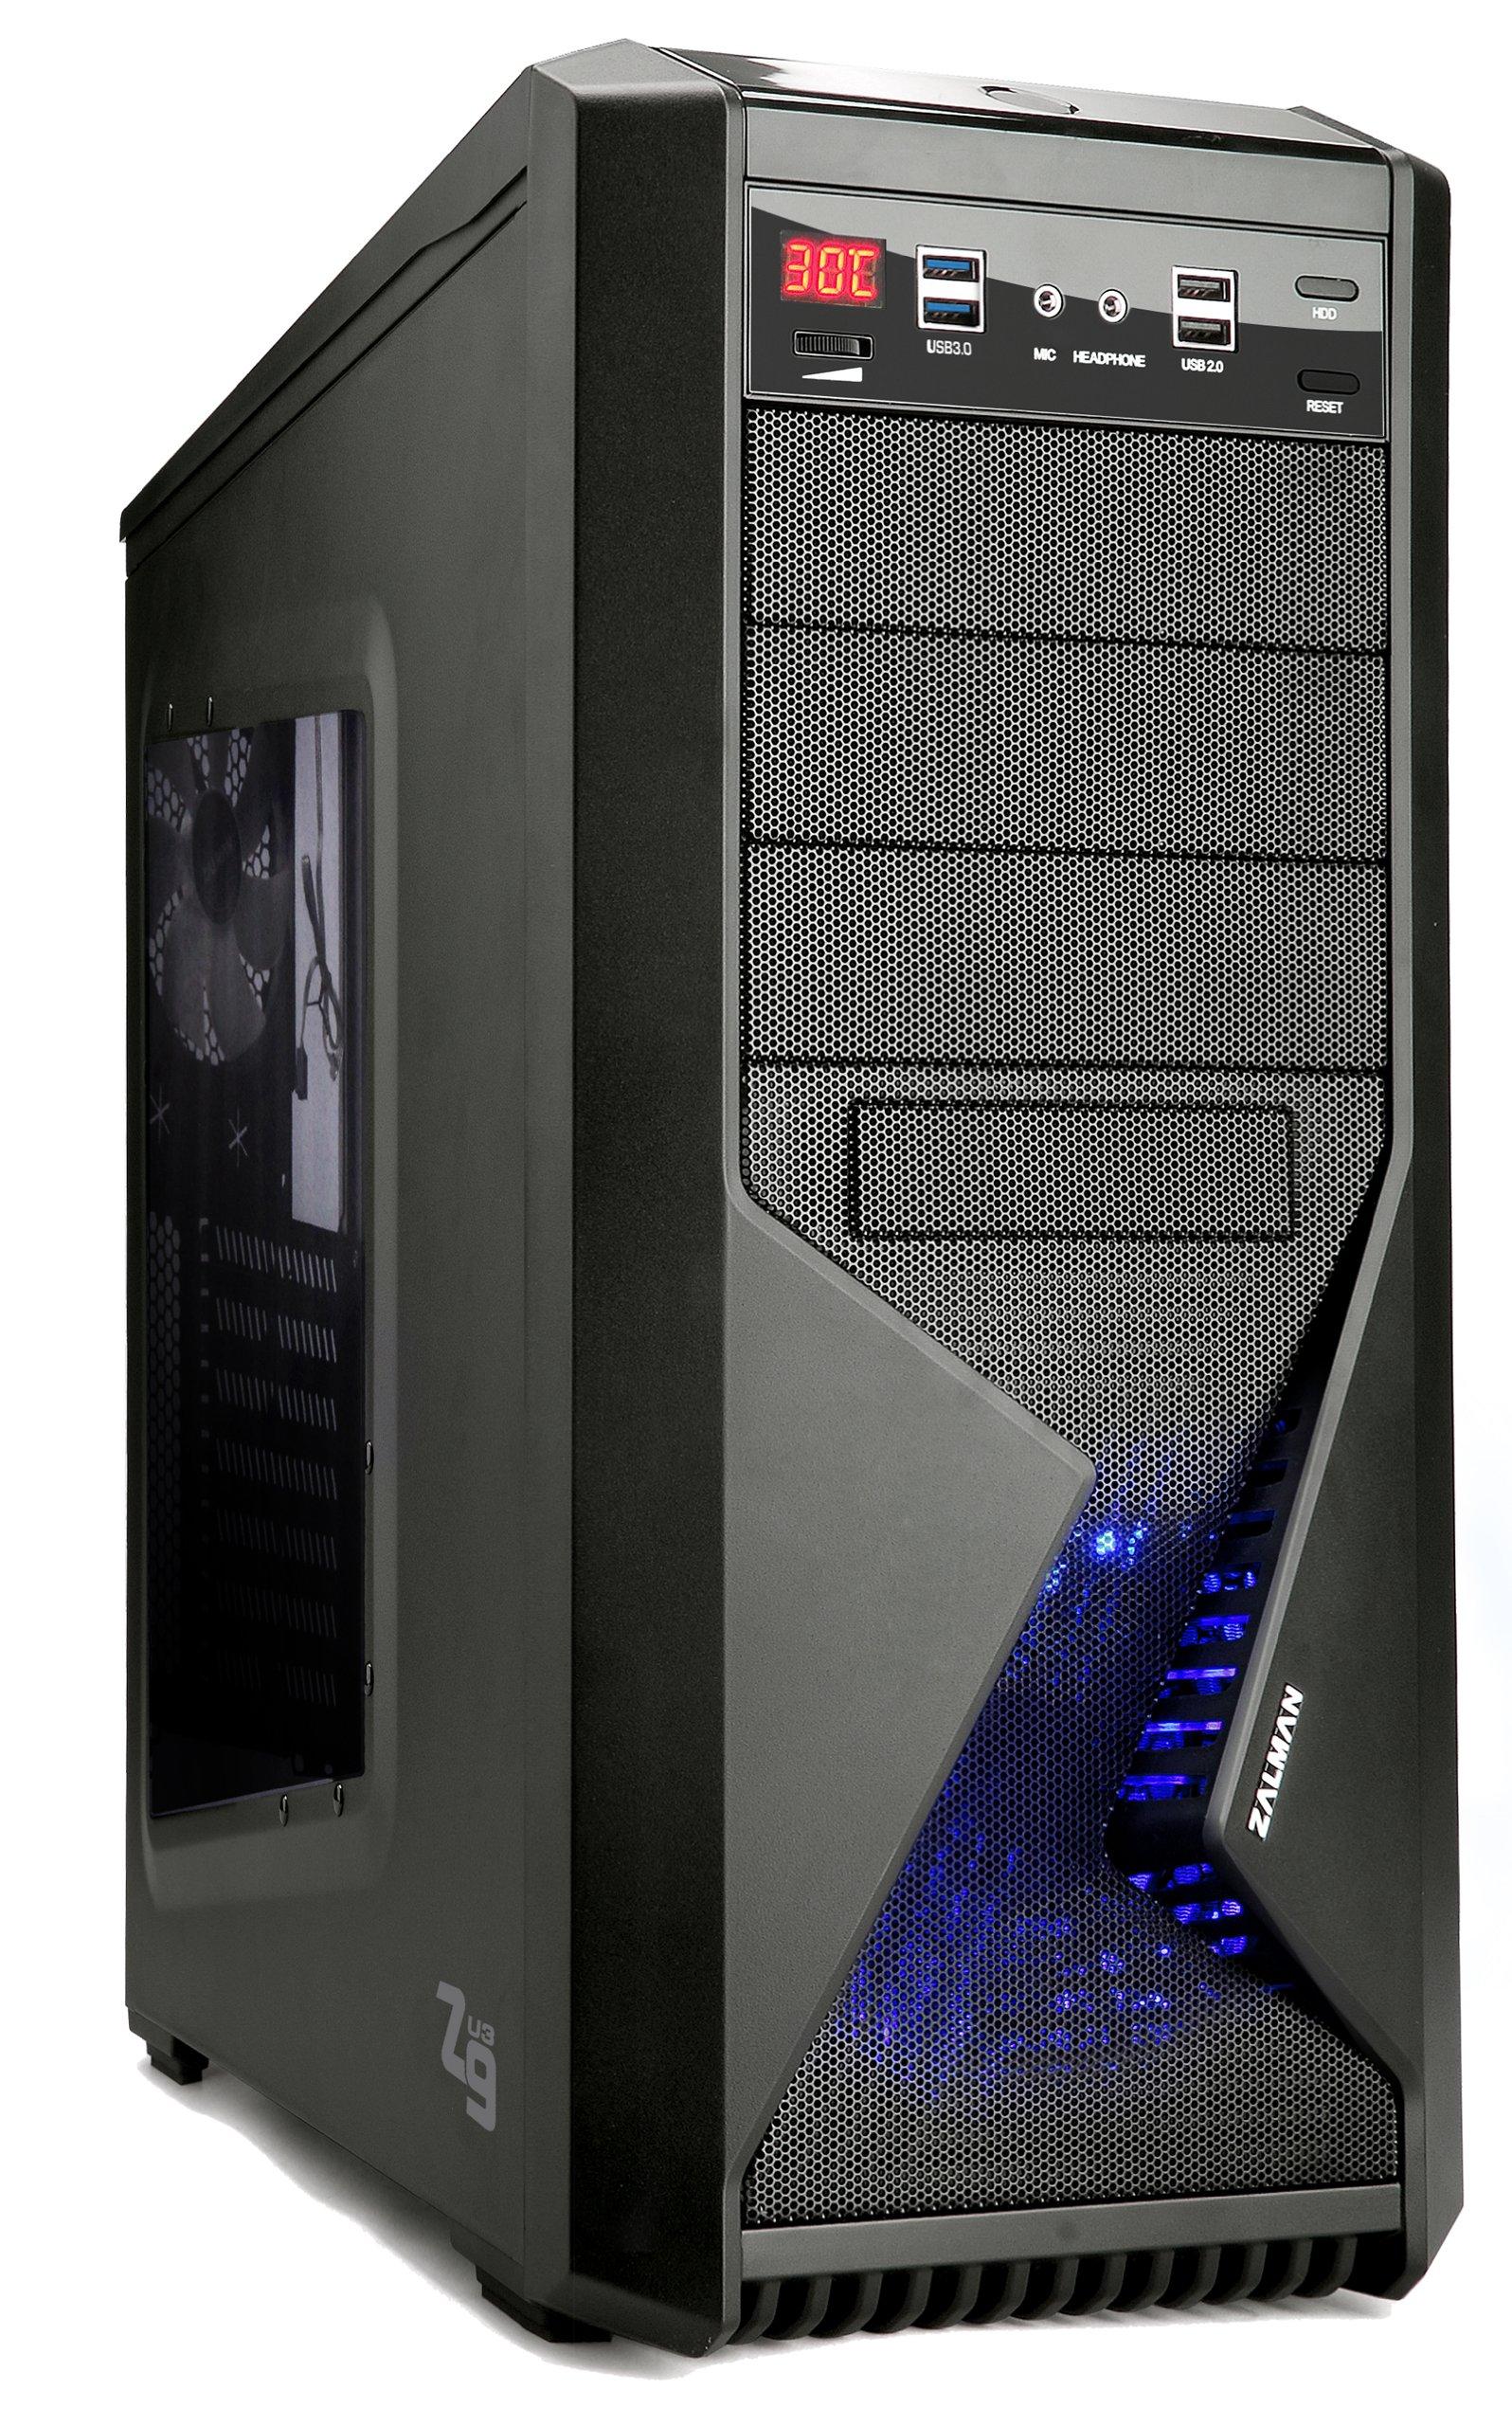 ZALMAN ATXミドルタワー PCケース Z9 USB3.0搭載モデル Z9U3 ブラック (Z9Plus後継モデル) 日本正規代理店品 (CS3899) Z9U3